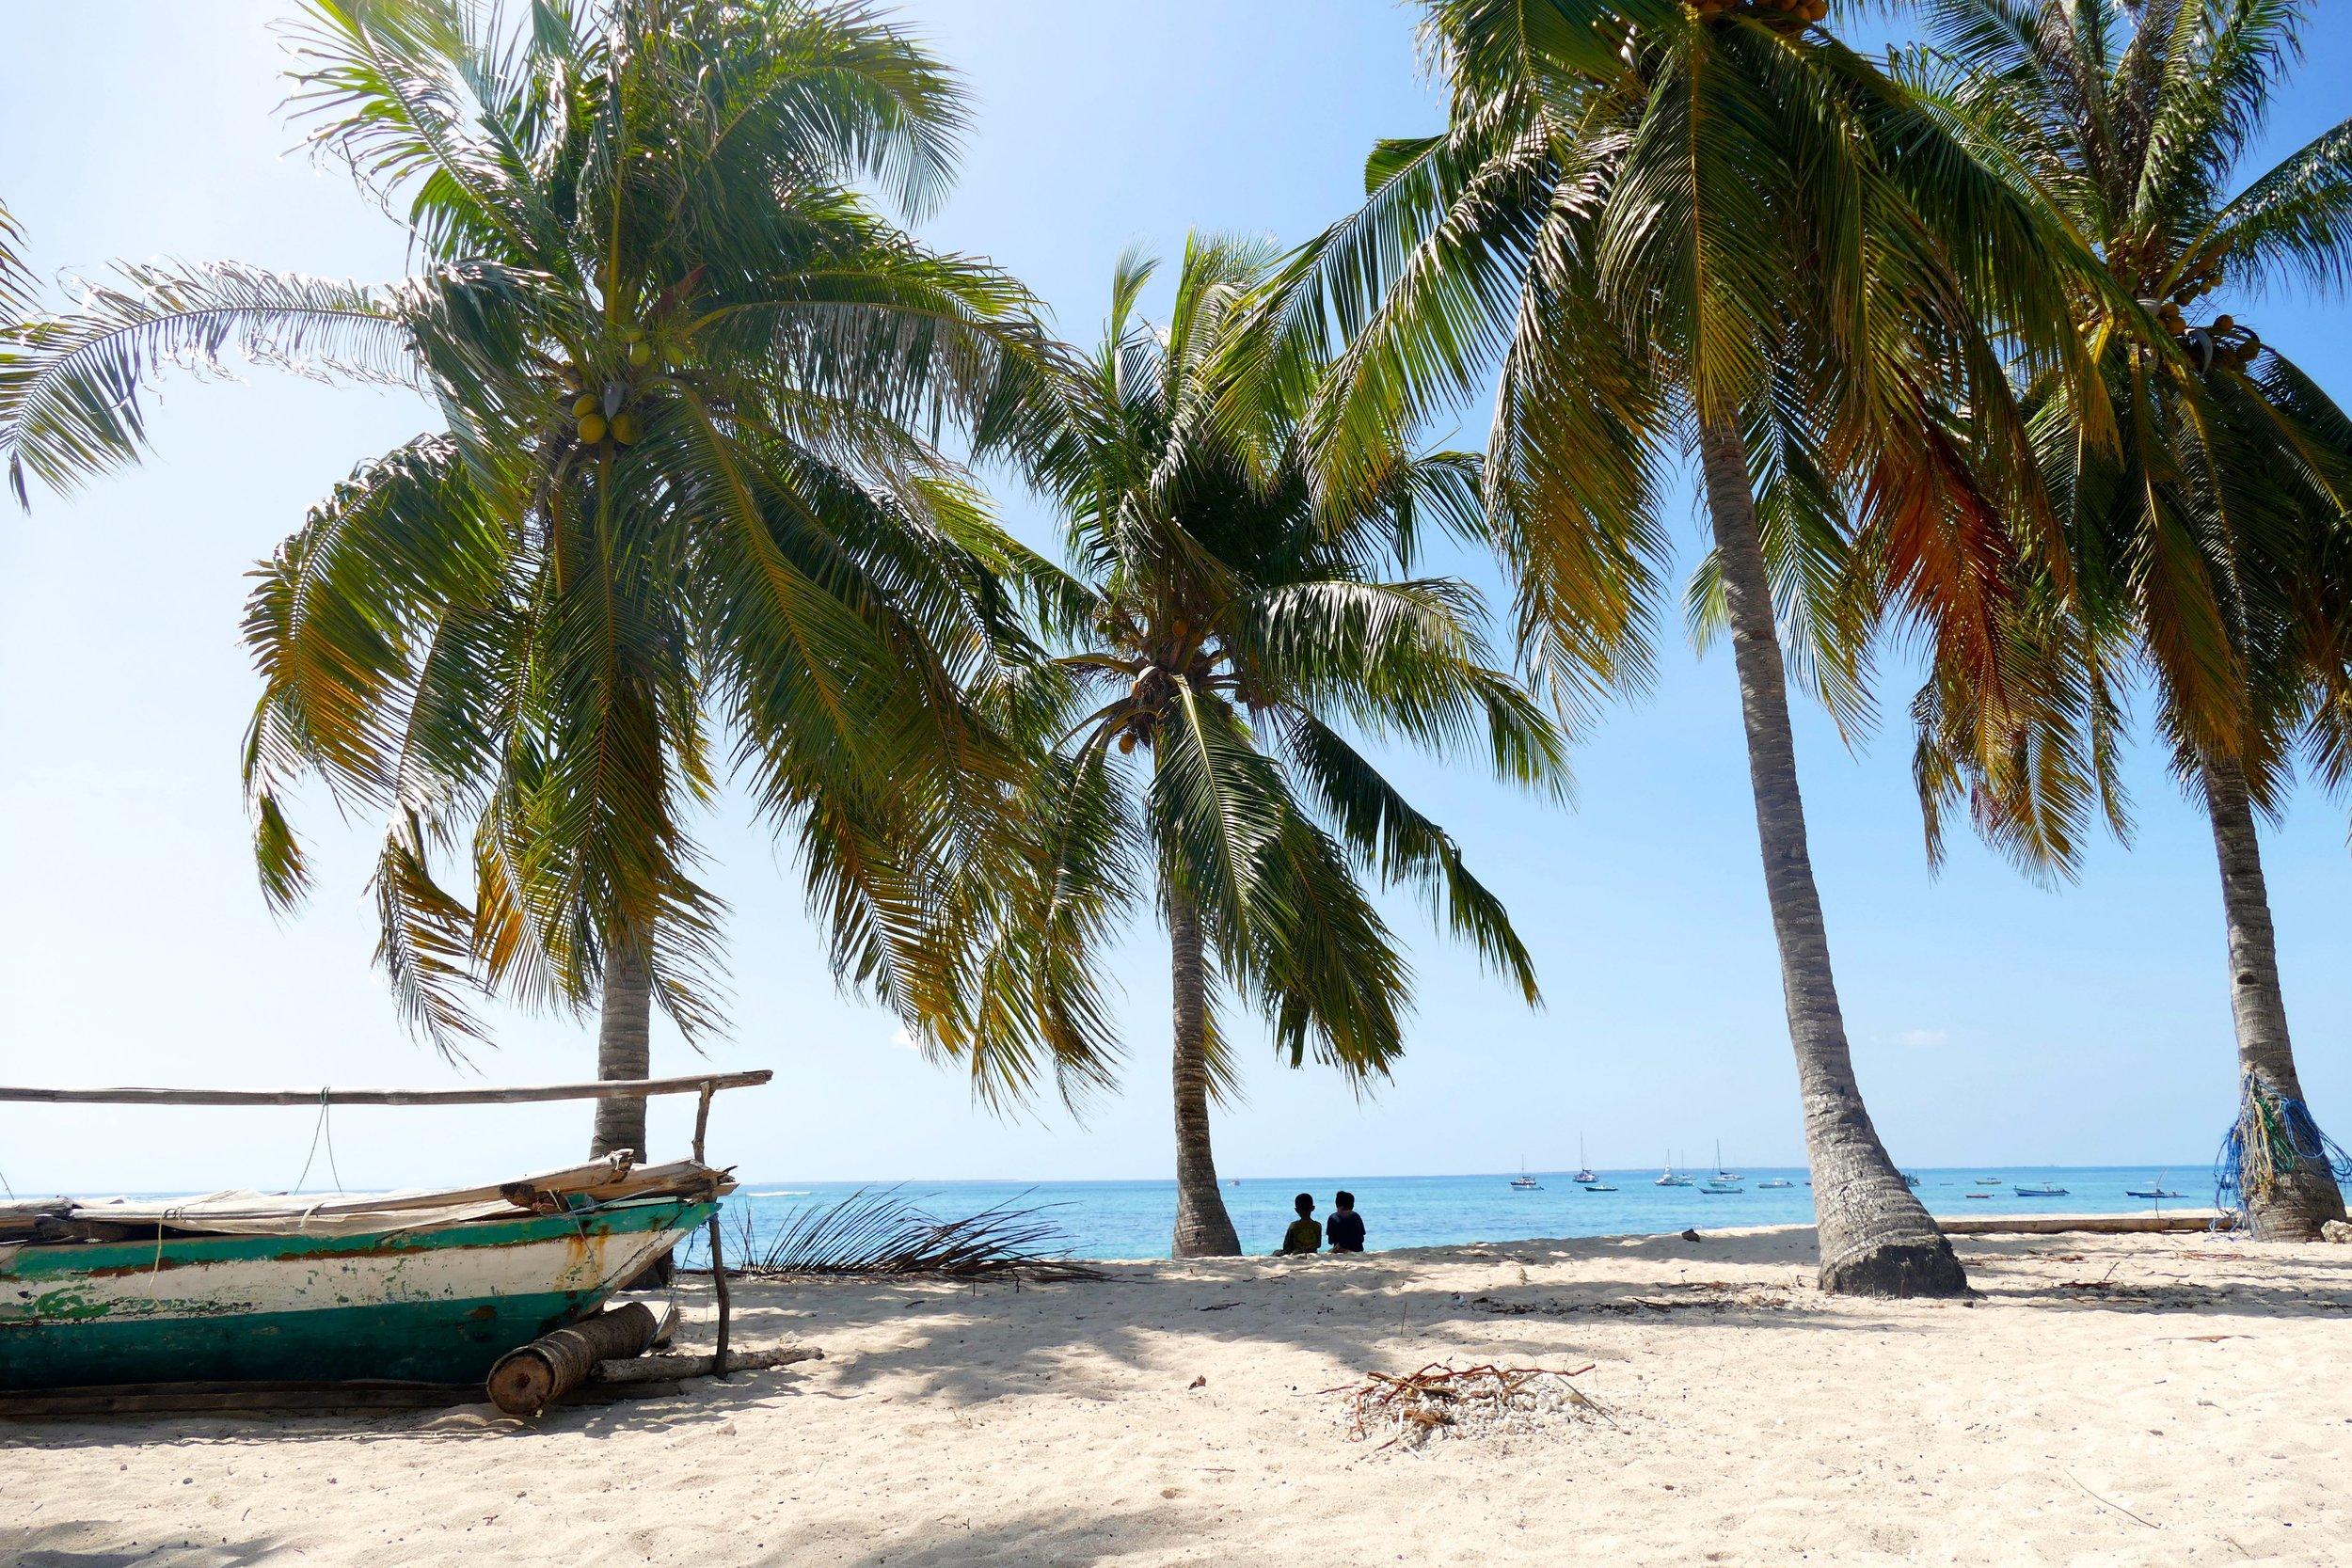 Confessions sous cocotiers - Instant de vie sur Rote Island, Indonésie